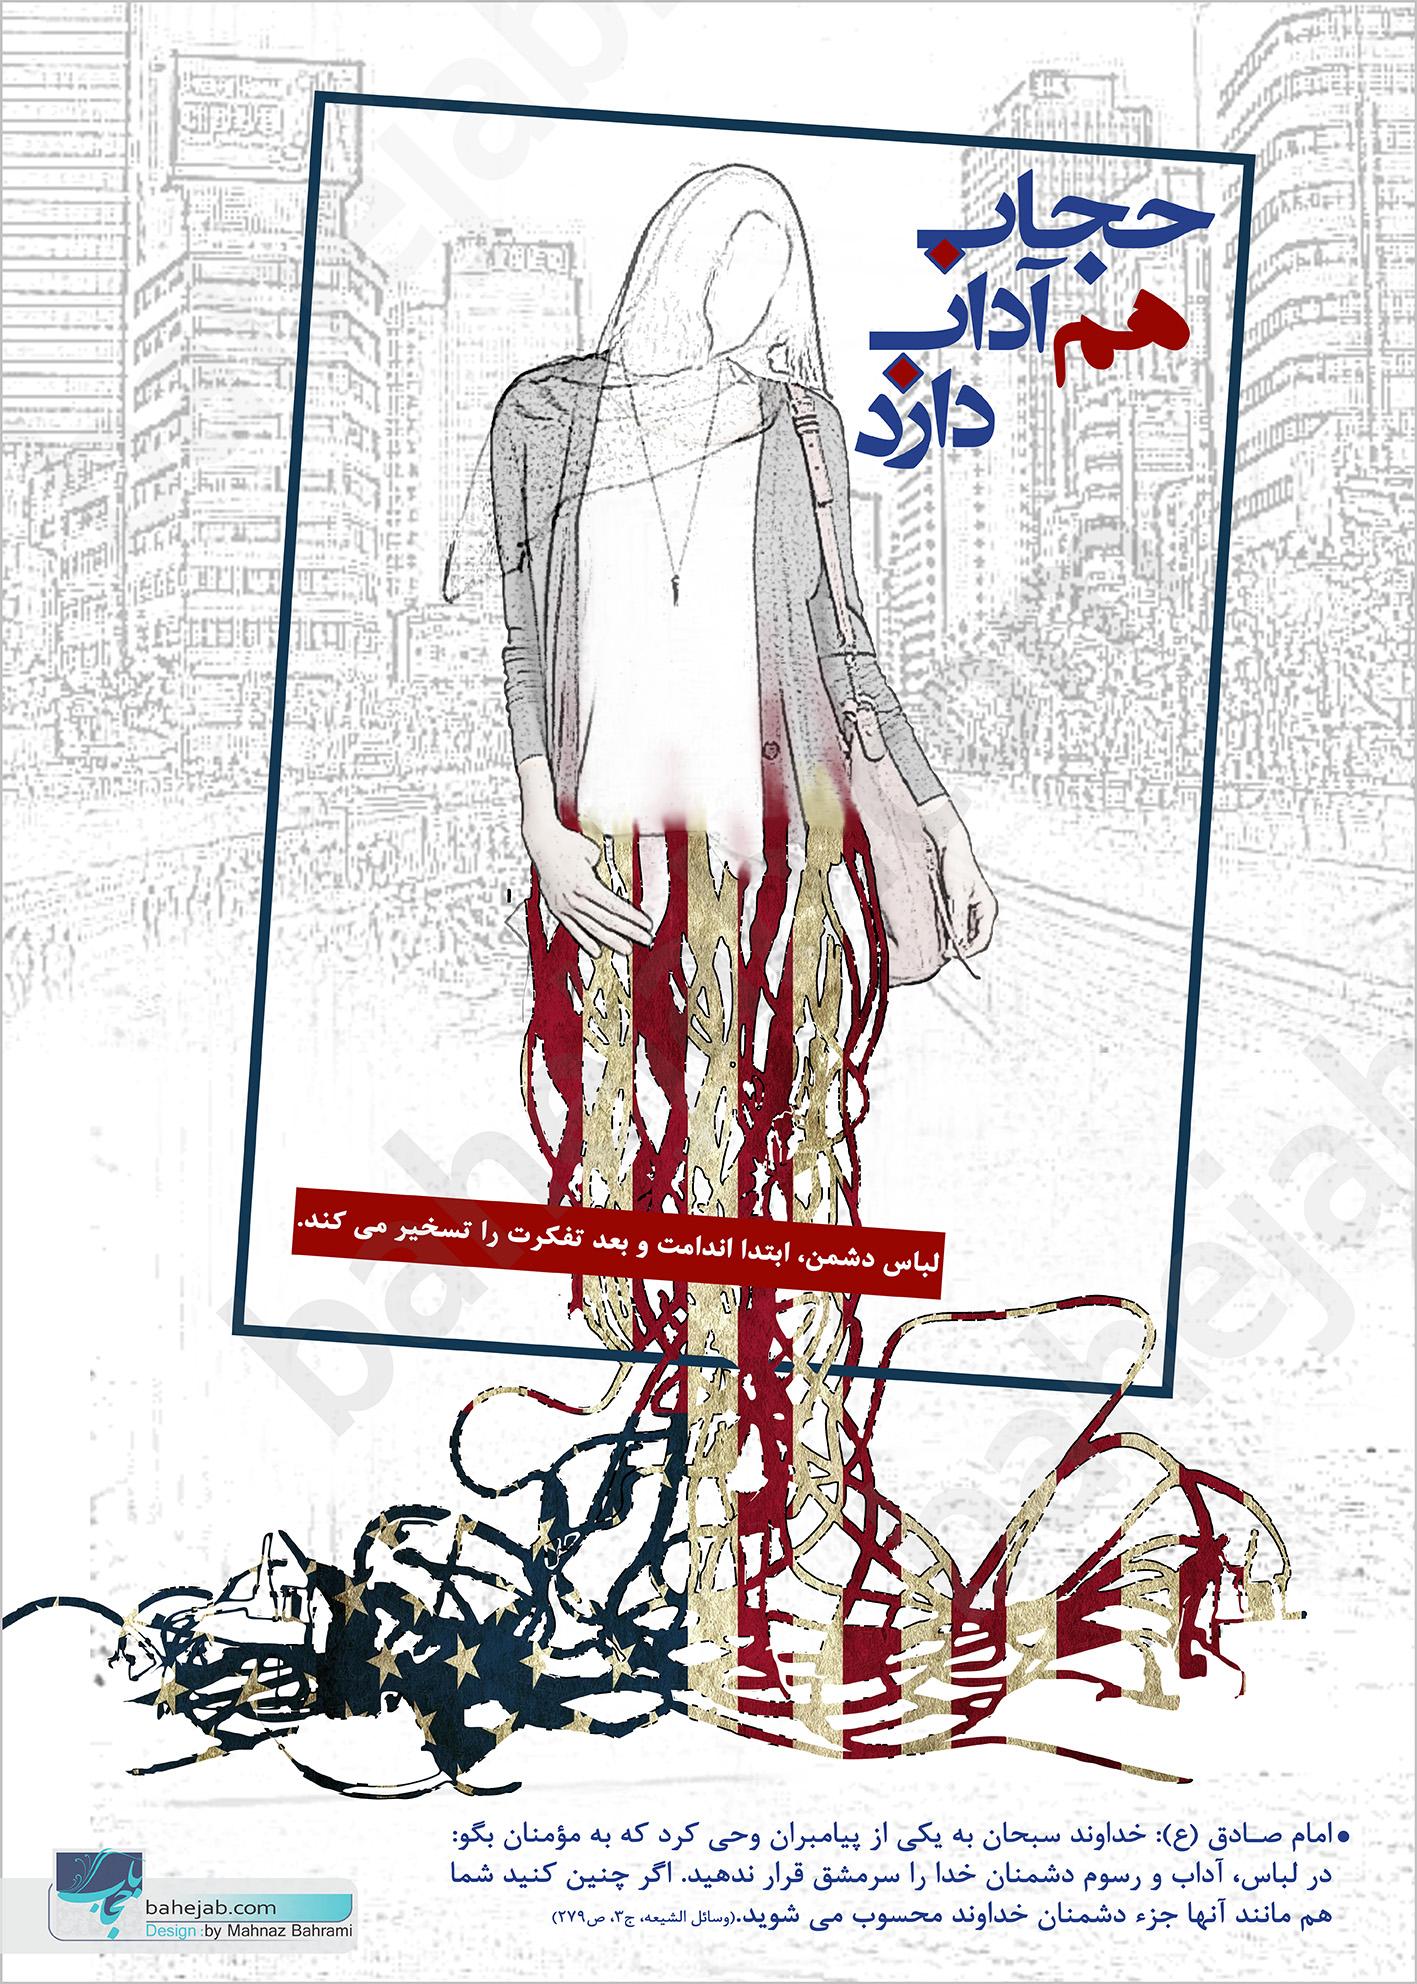 پوستر-پوشیدن-لباس-دشمن4